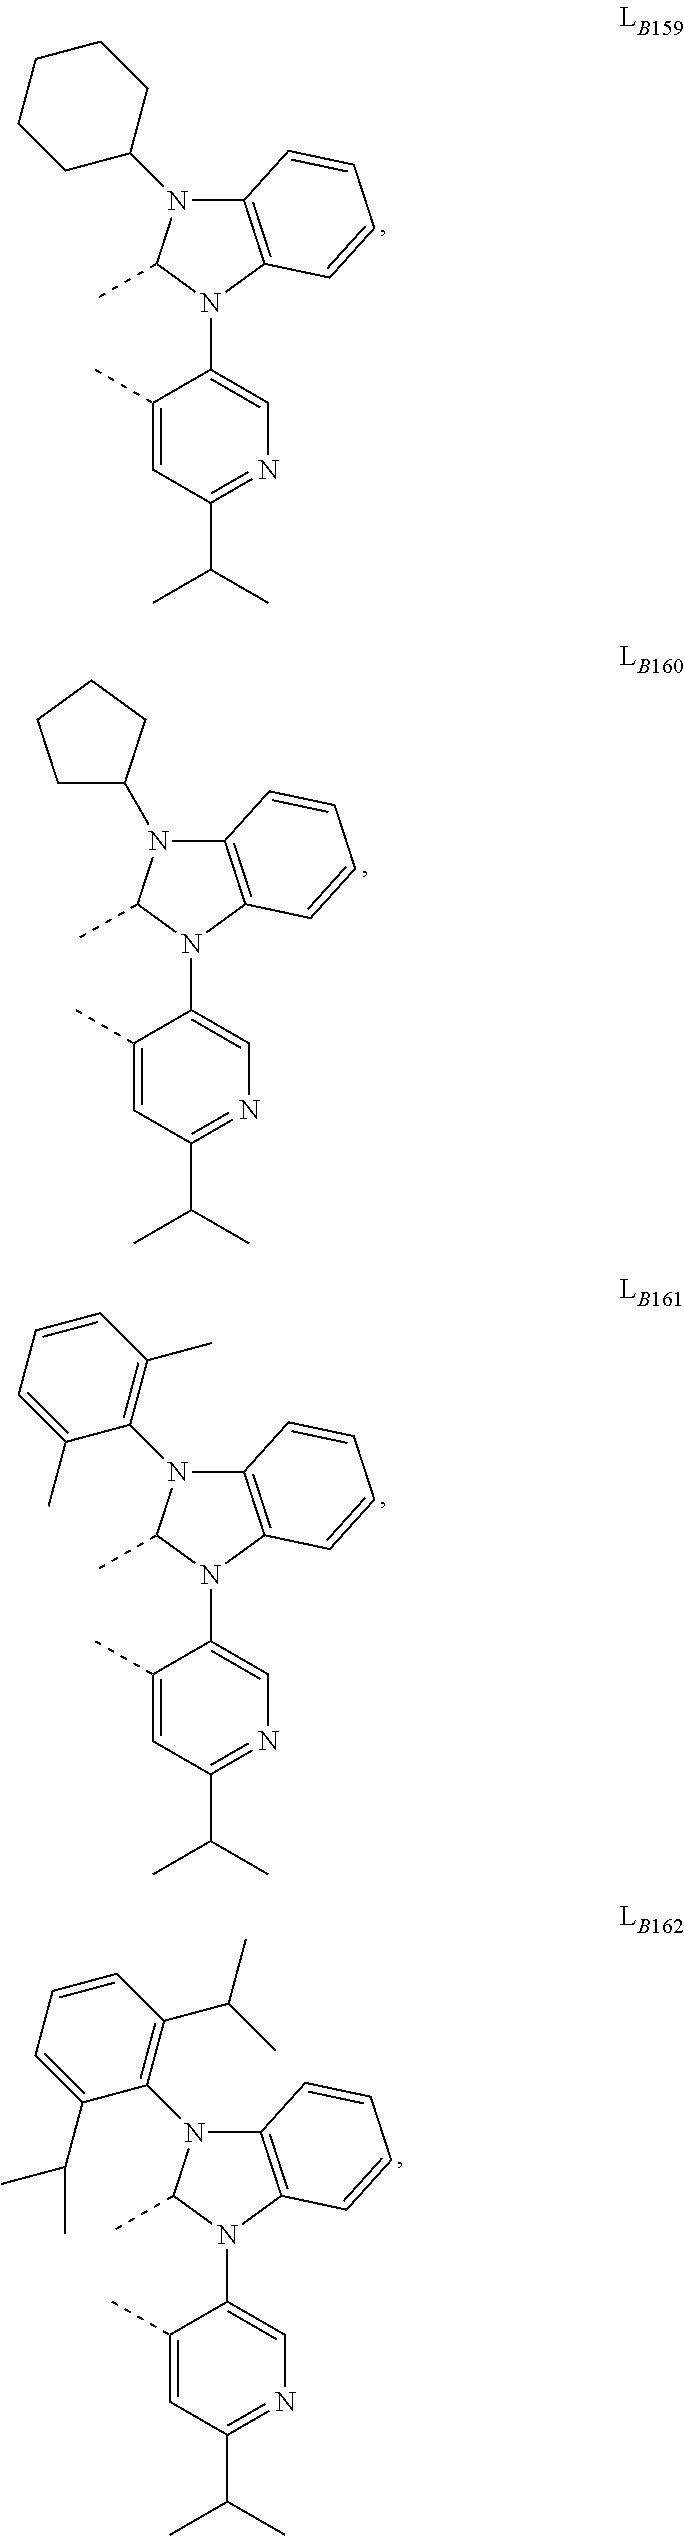 Figure US09905785-20180227-C00533